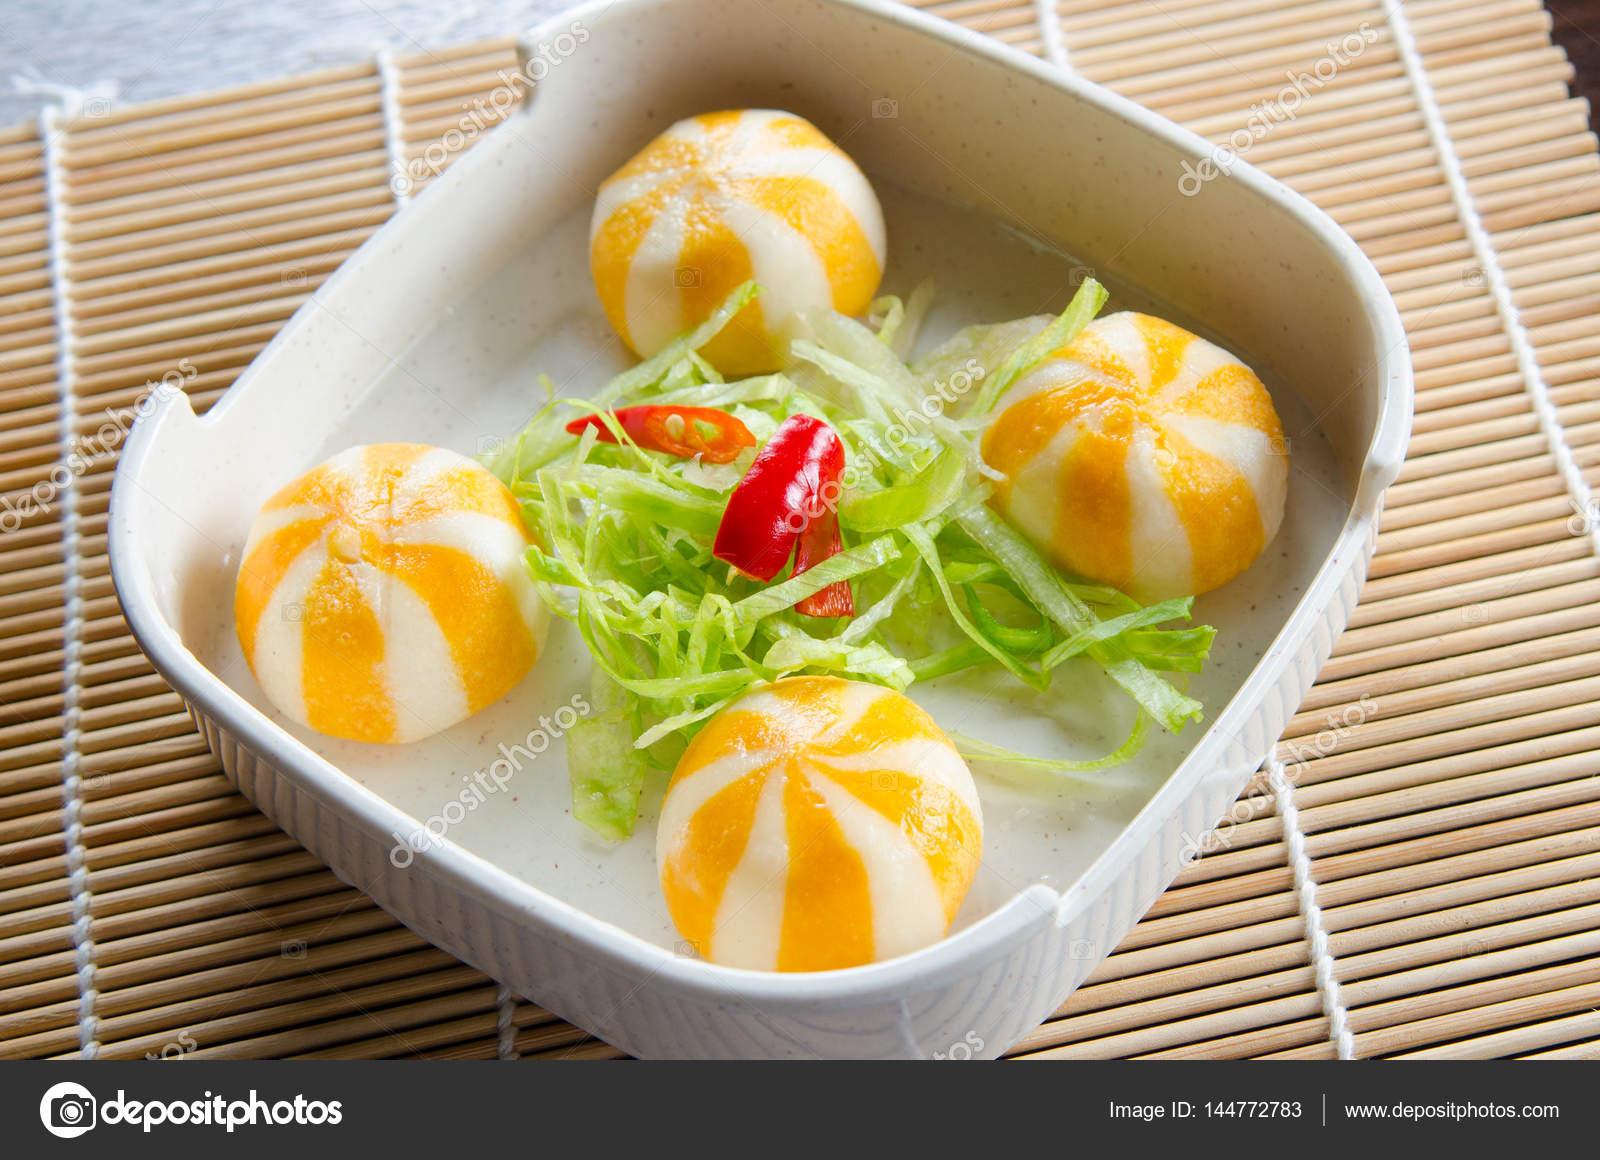 Chińskie Jedzenie Przepis Zdjęcie Stockowe Szeyuen